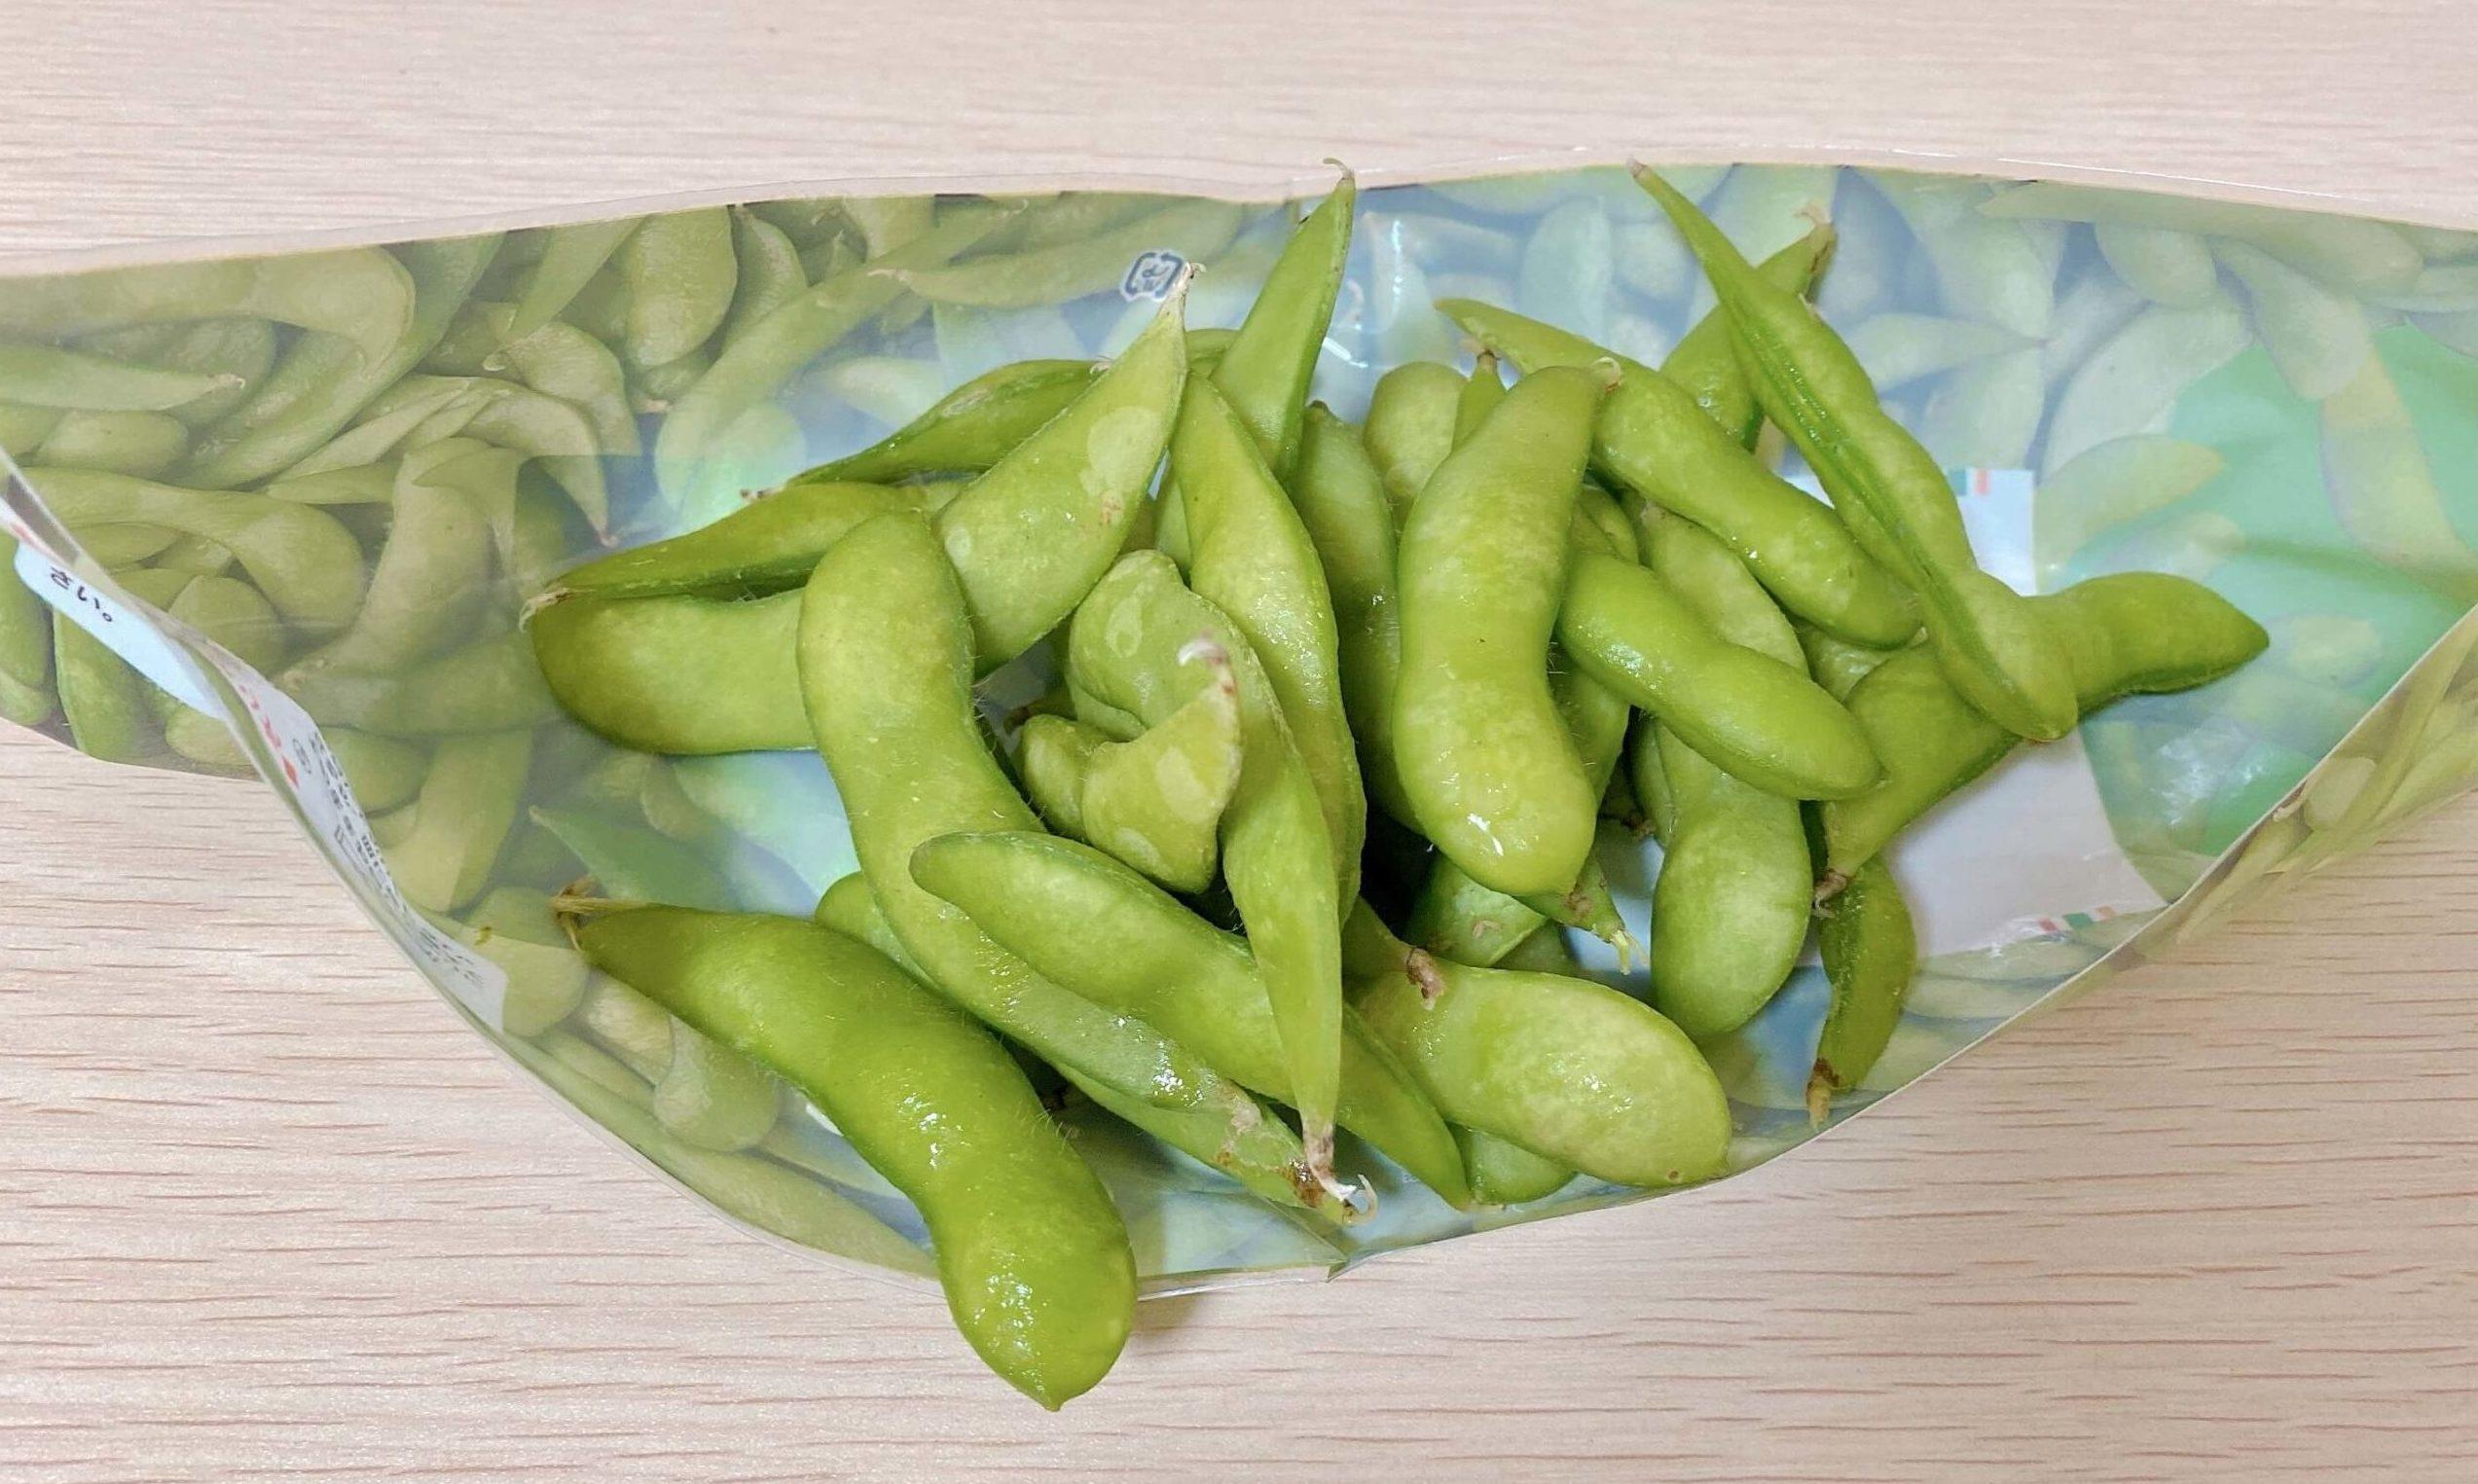 セブンイレブンの枝豆はレンジで温めることも可能